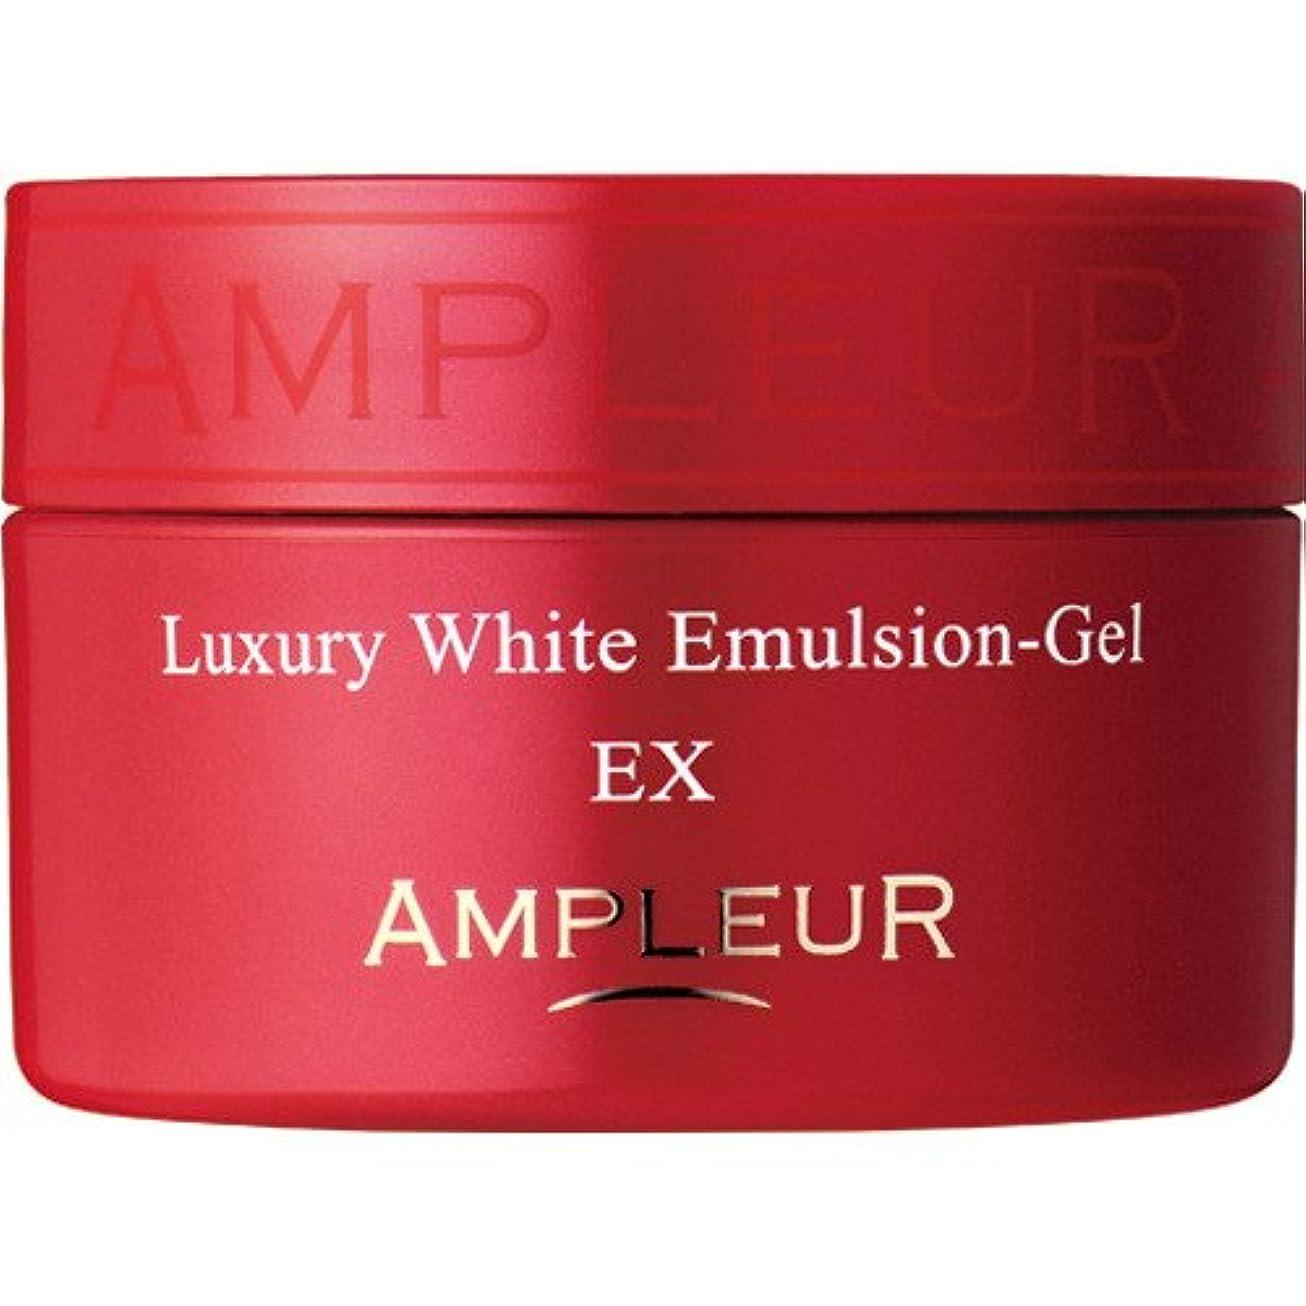 リー脱走個性AMPLEUR(アンプルール) ラグジュアリーホワイト エマルジョンゲルEX 50g